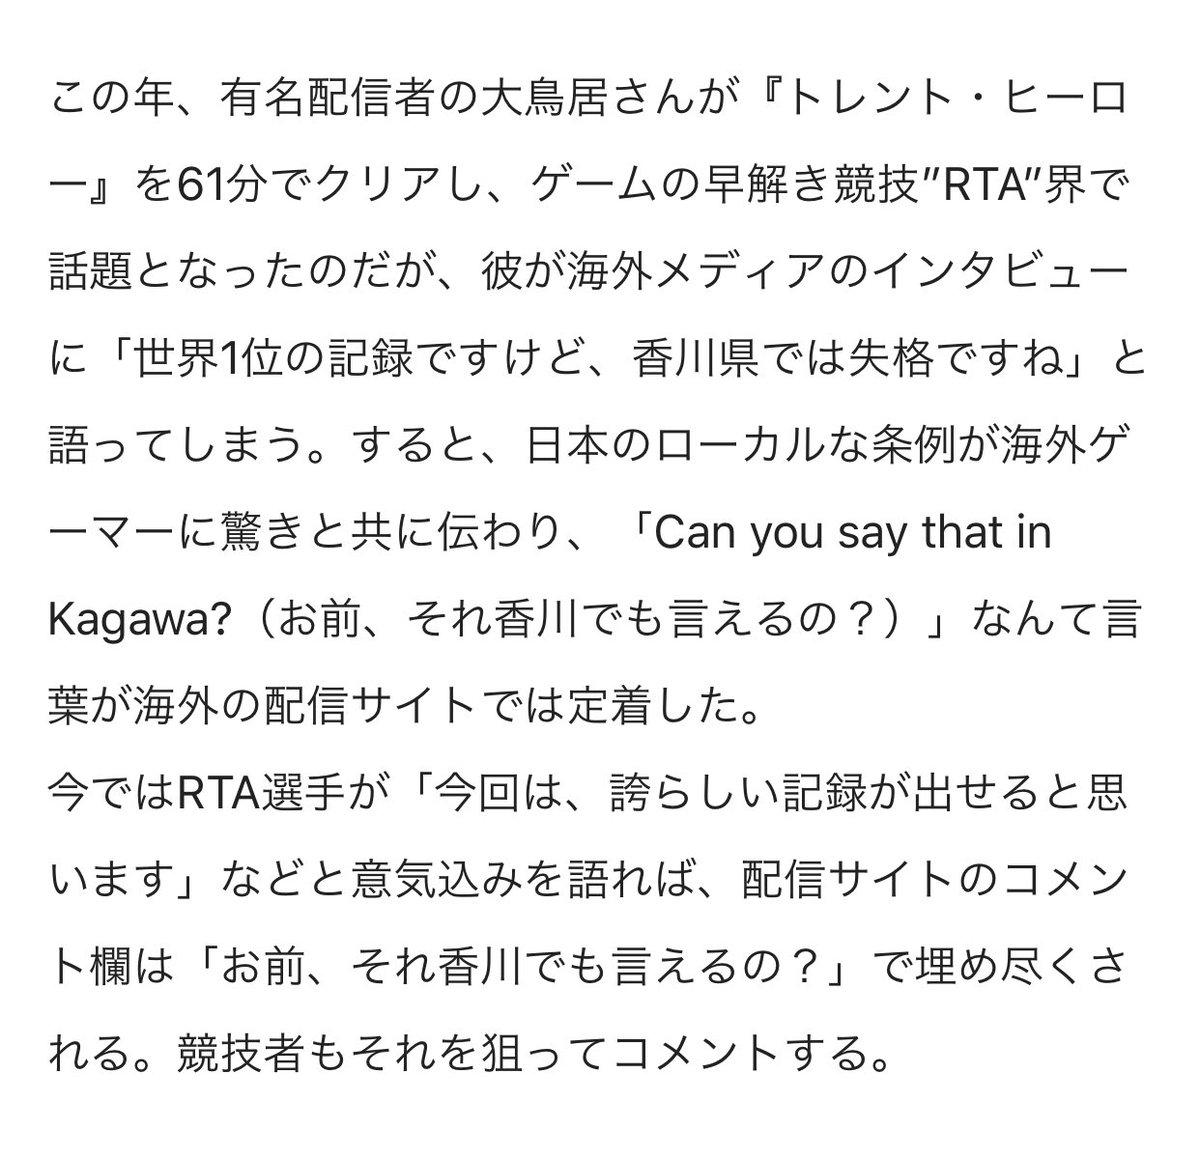 香川県のゲーム規制条例って海外でもネタにされてんのかw Can you Say that in Akagawa? お前、それ香川でも言えるの